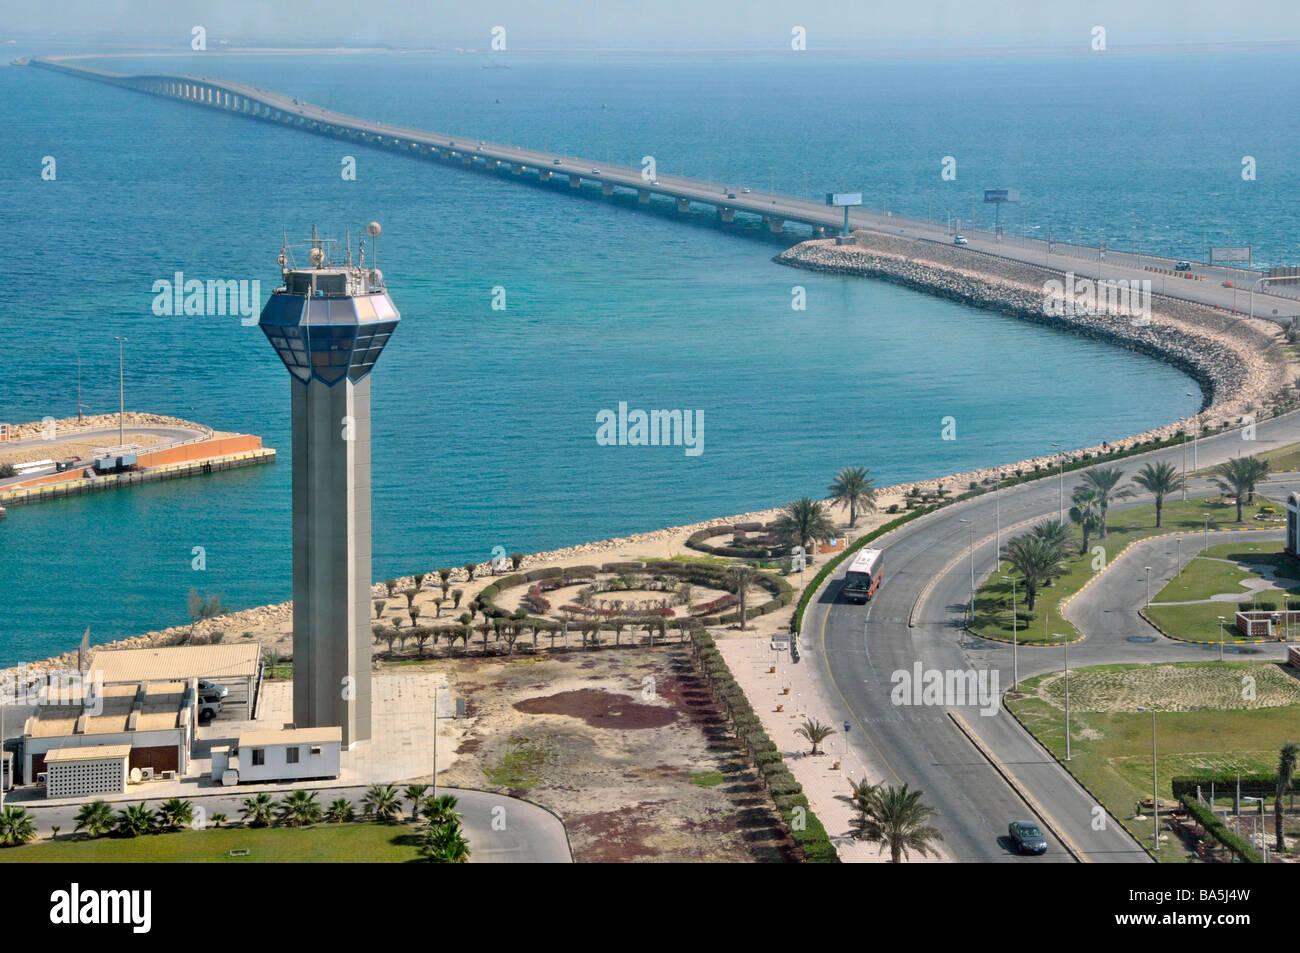 Le roi Fahd Causeway reliant Bahreïn et l'Arabie saoudite en vue du golfe Persique vers Bahreïn de Photo Stock